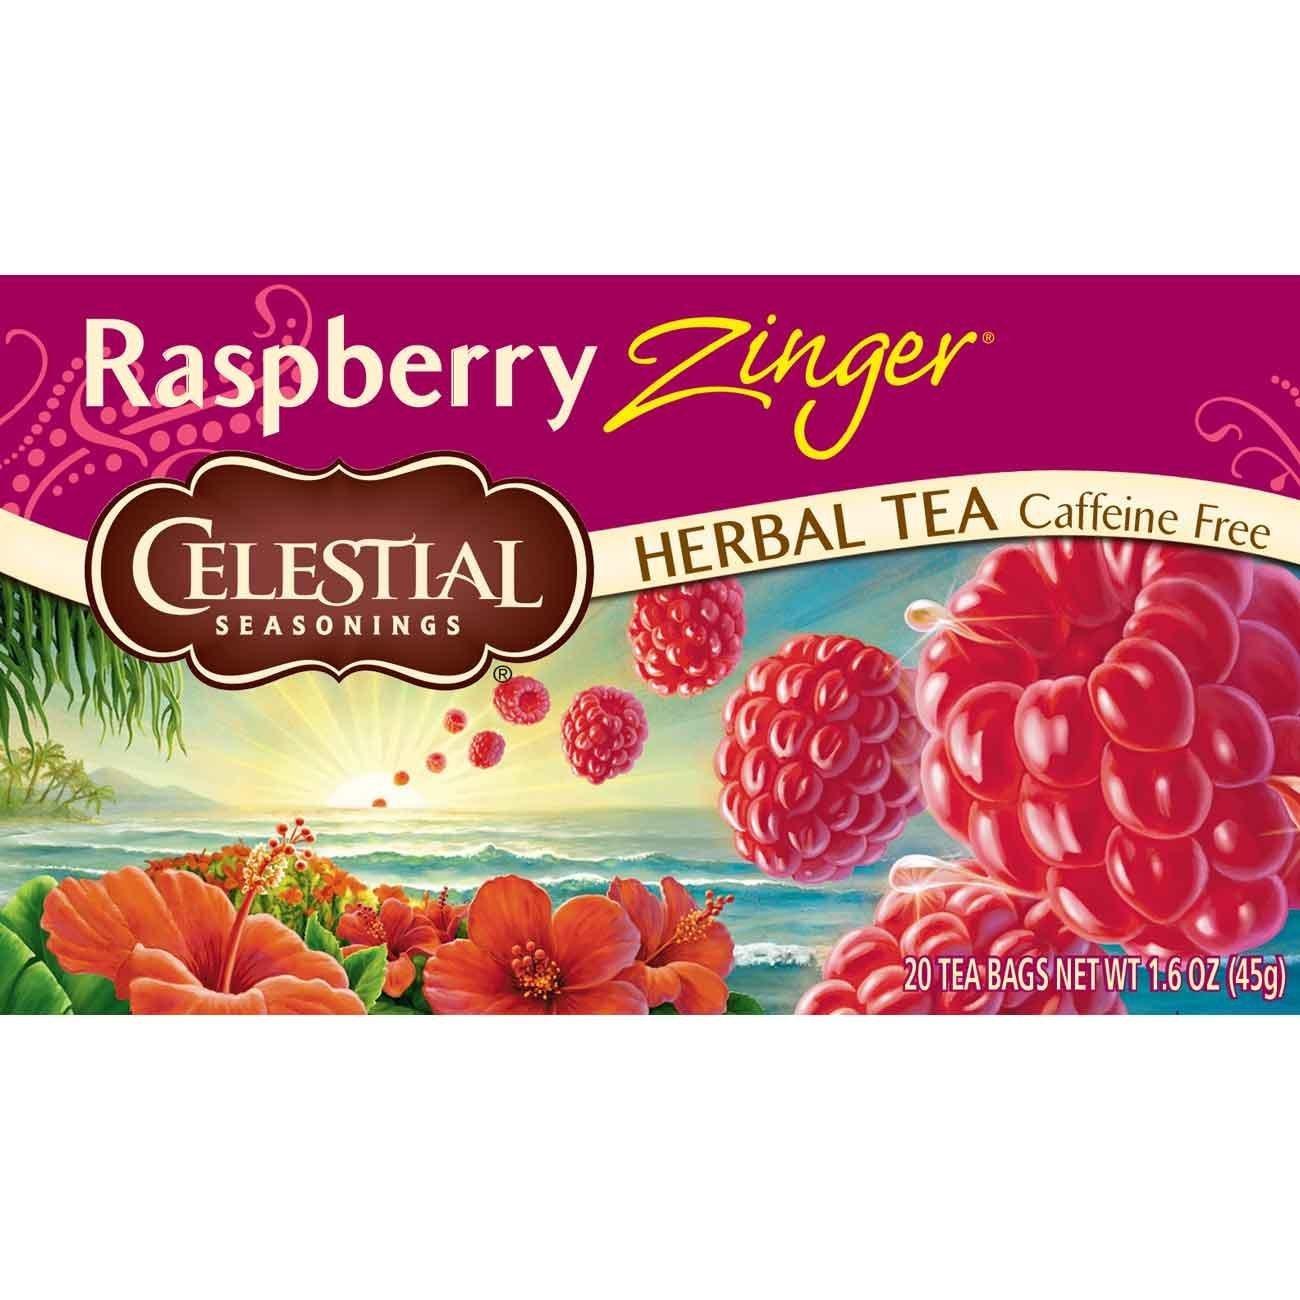 Celestial Seasonings Herbal Tea, Raspberry Zinger, 20 Count (Pack of 6)